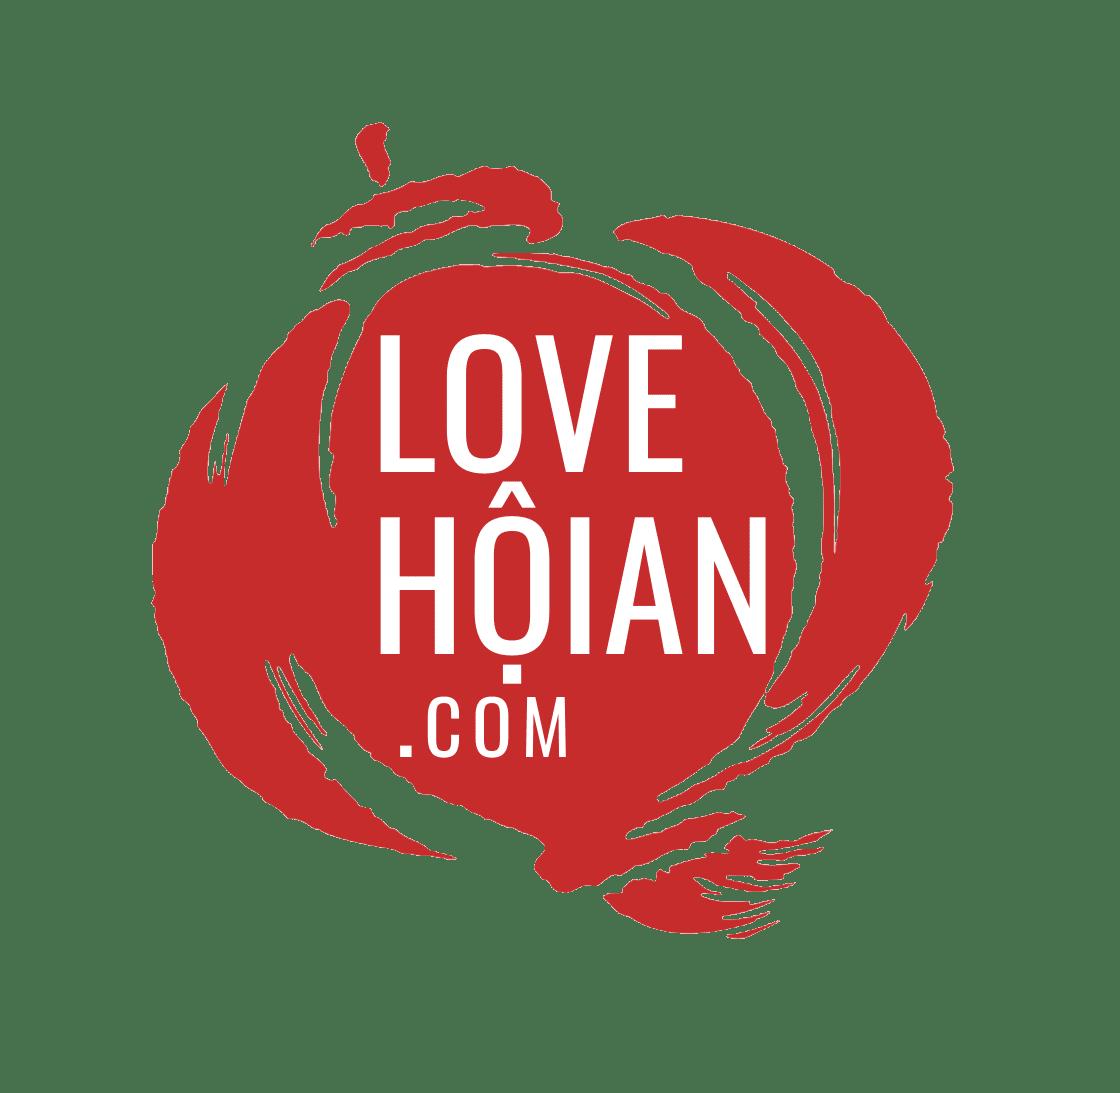 Lovehoian.com